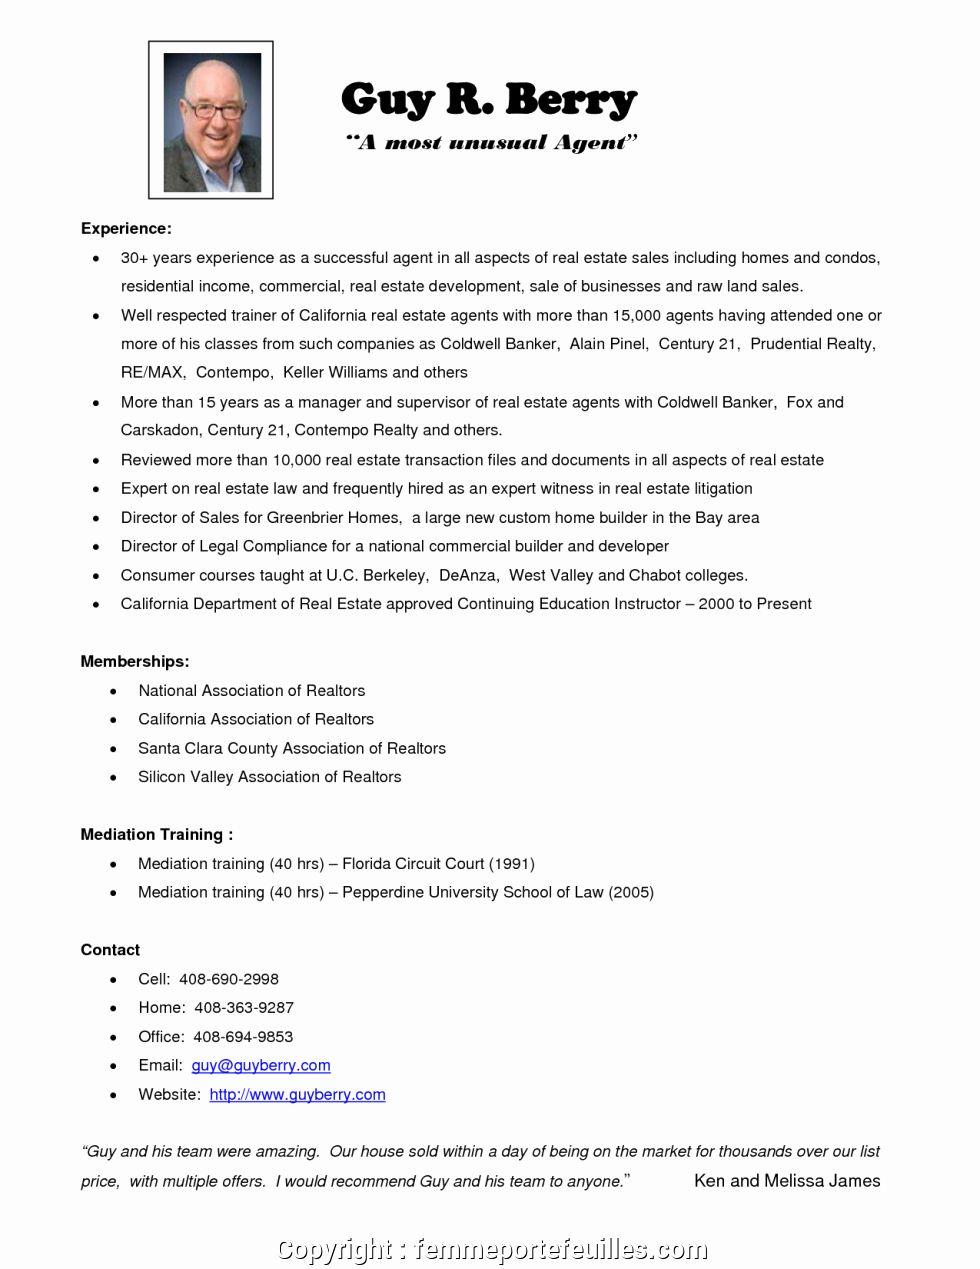 Real Estate Agent Resume Job Description Elegant Professional Real Estate Agent Description Resume C Good Resume Examples Resume Examples Real Estate Agent Job